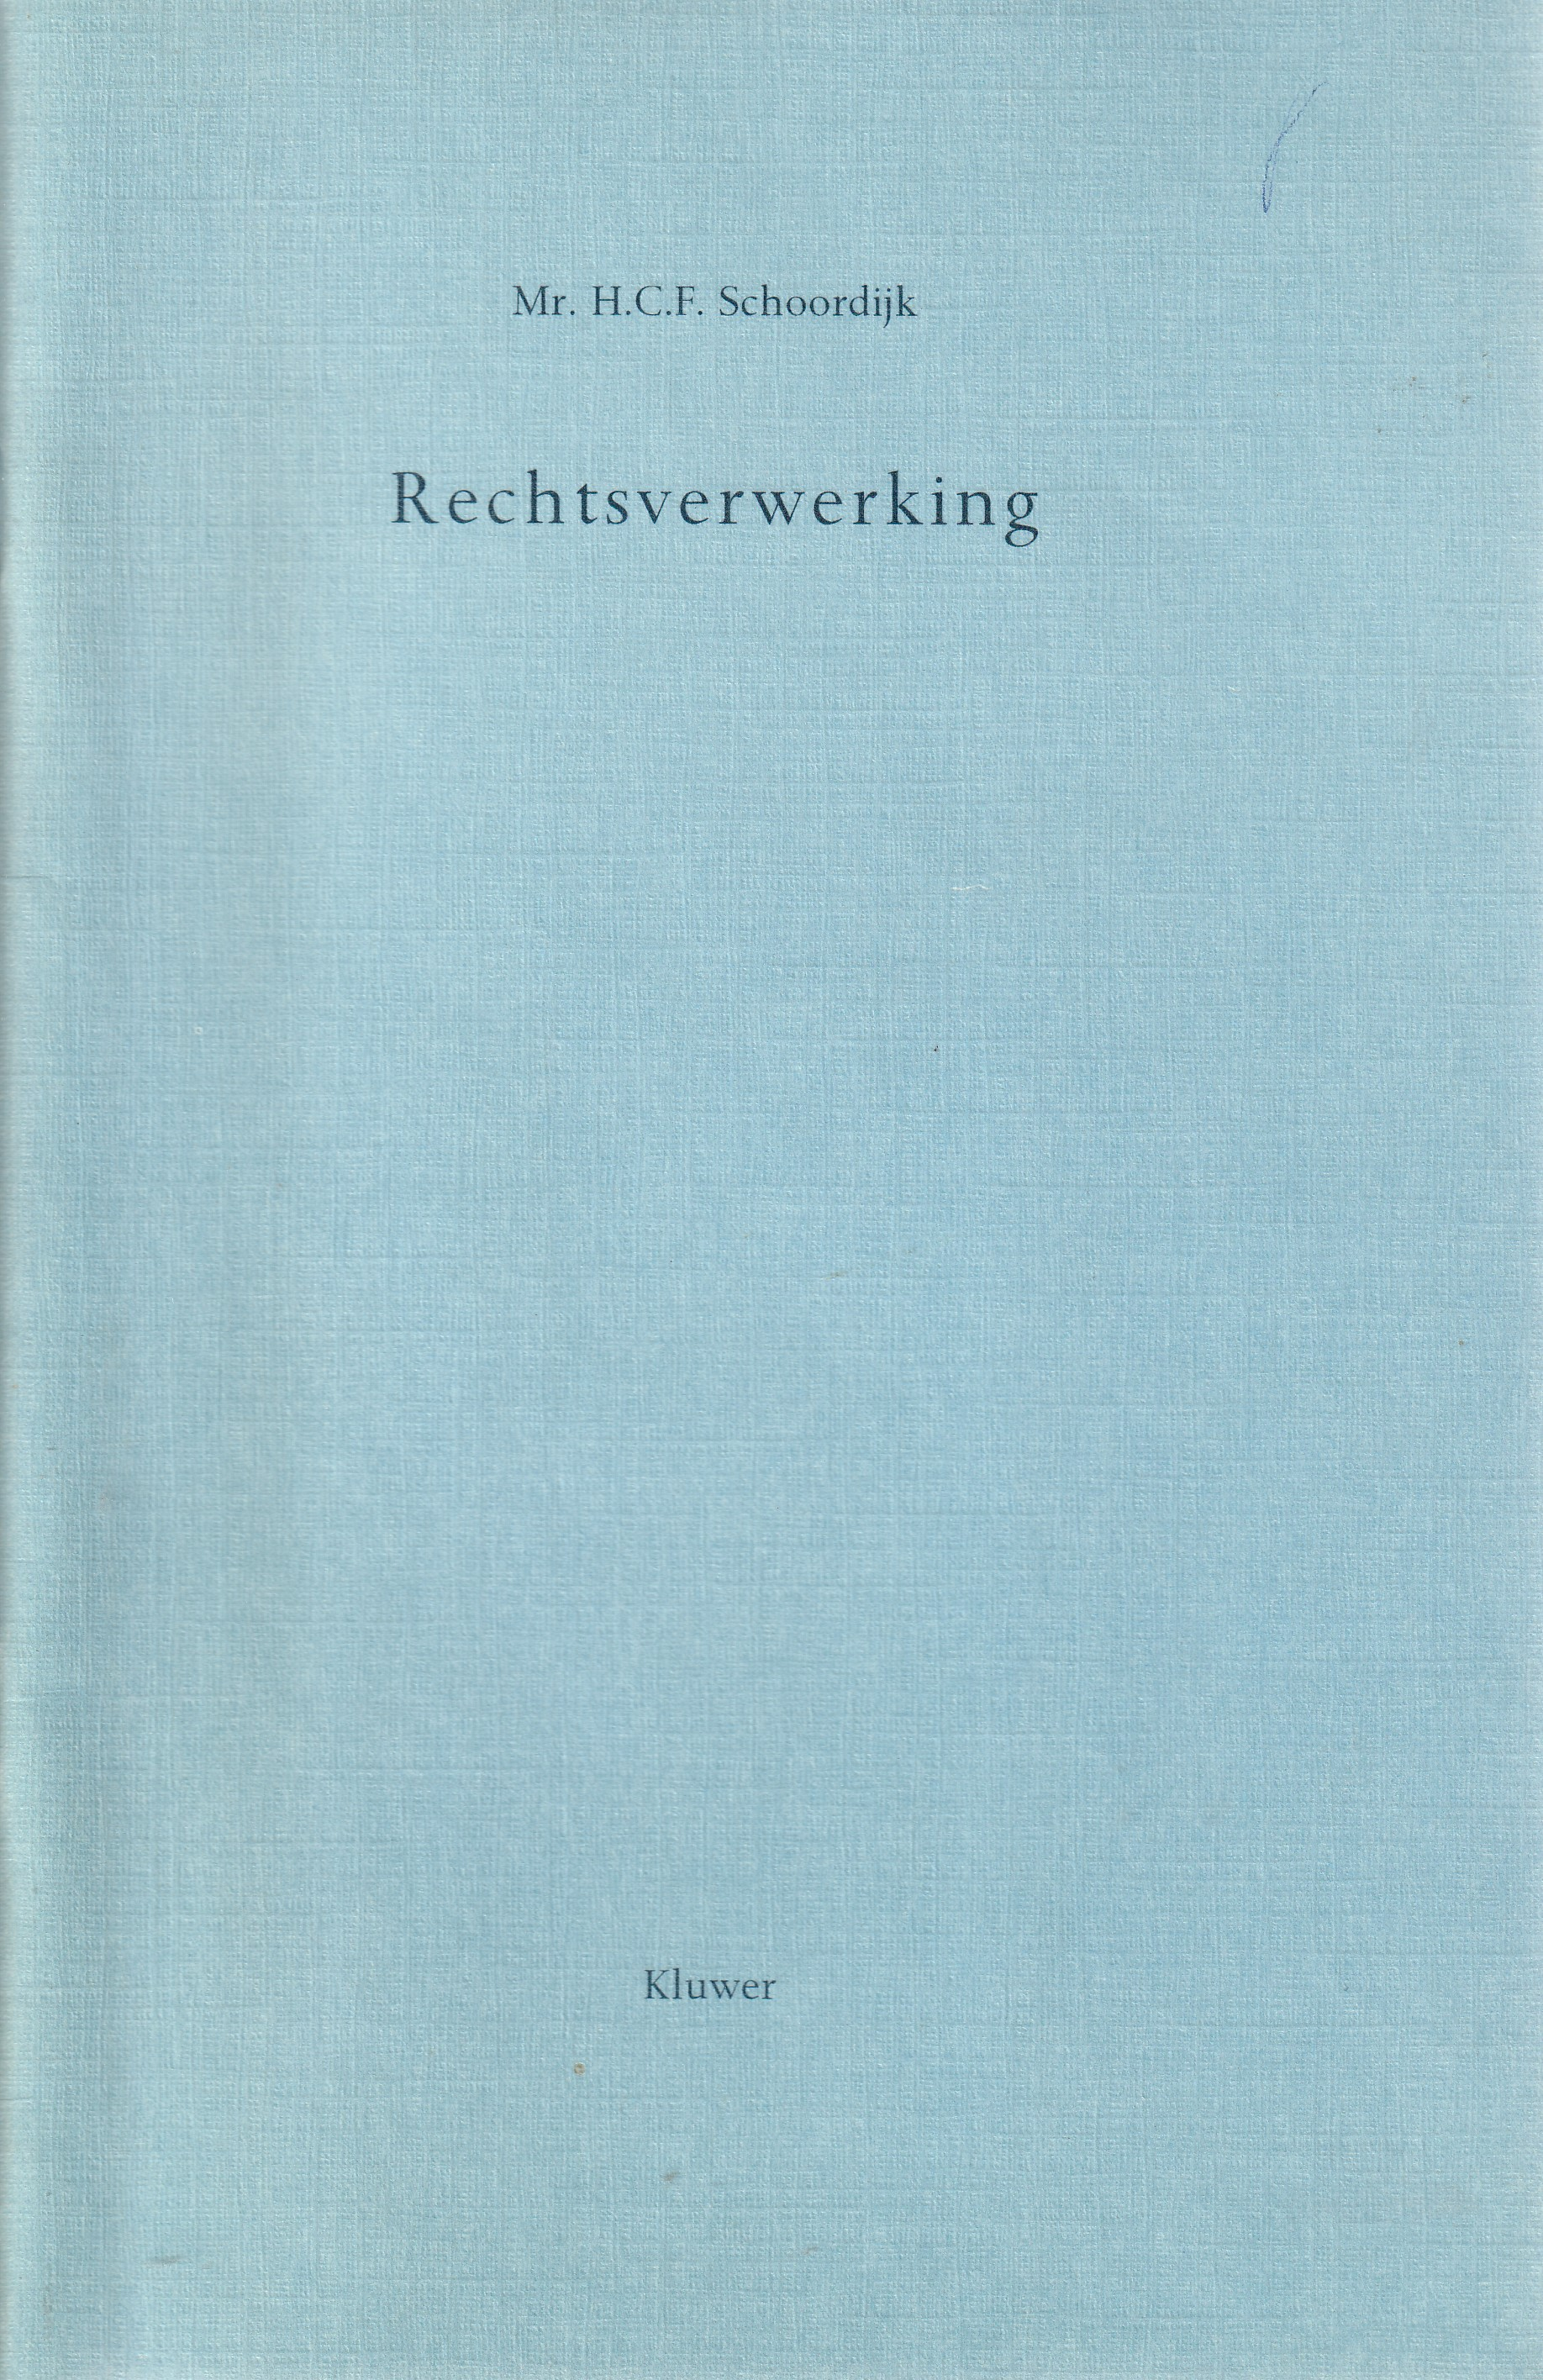 Rechtsverwerking - Rede 1991